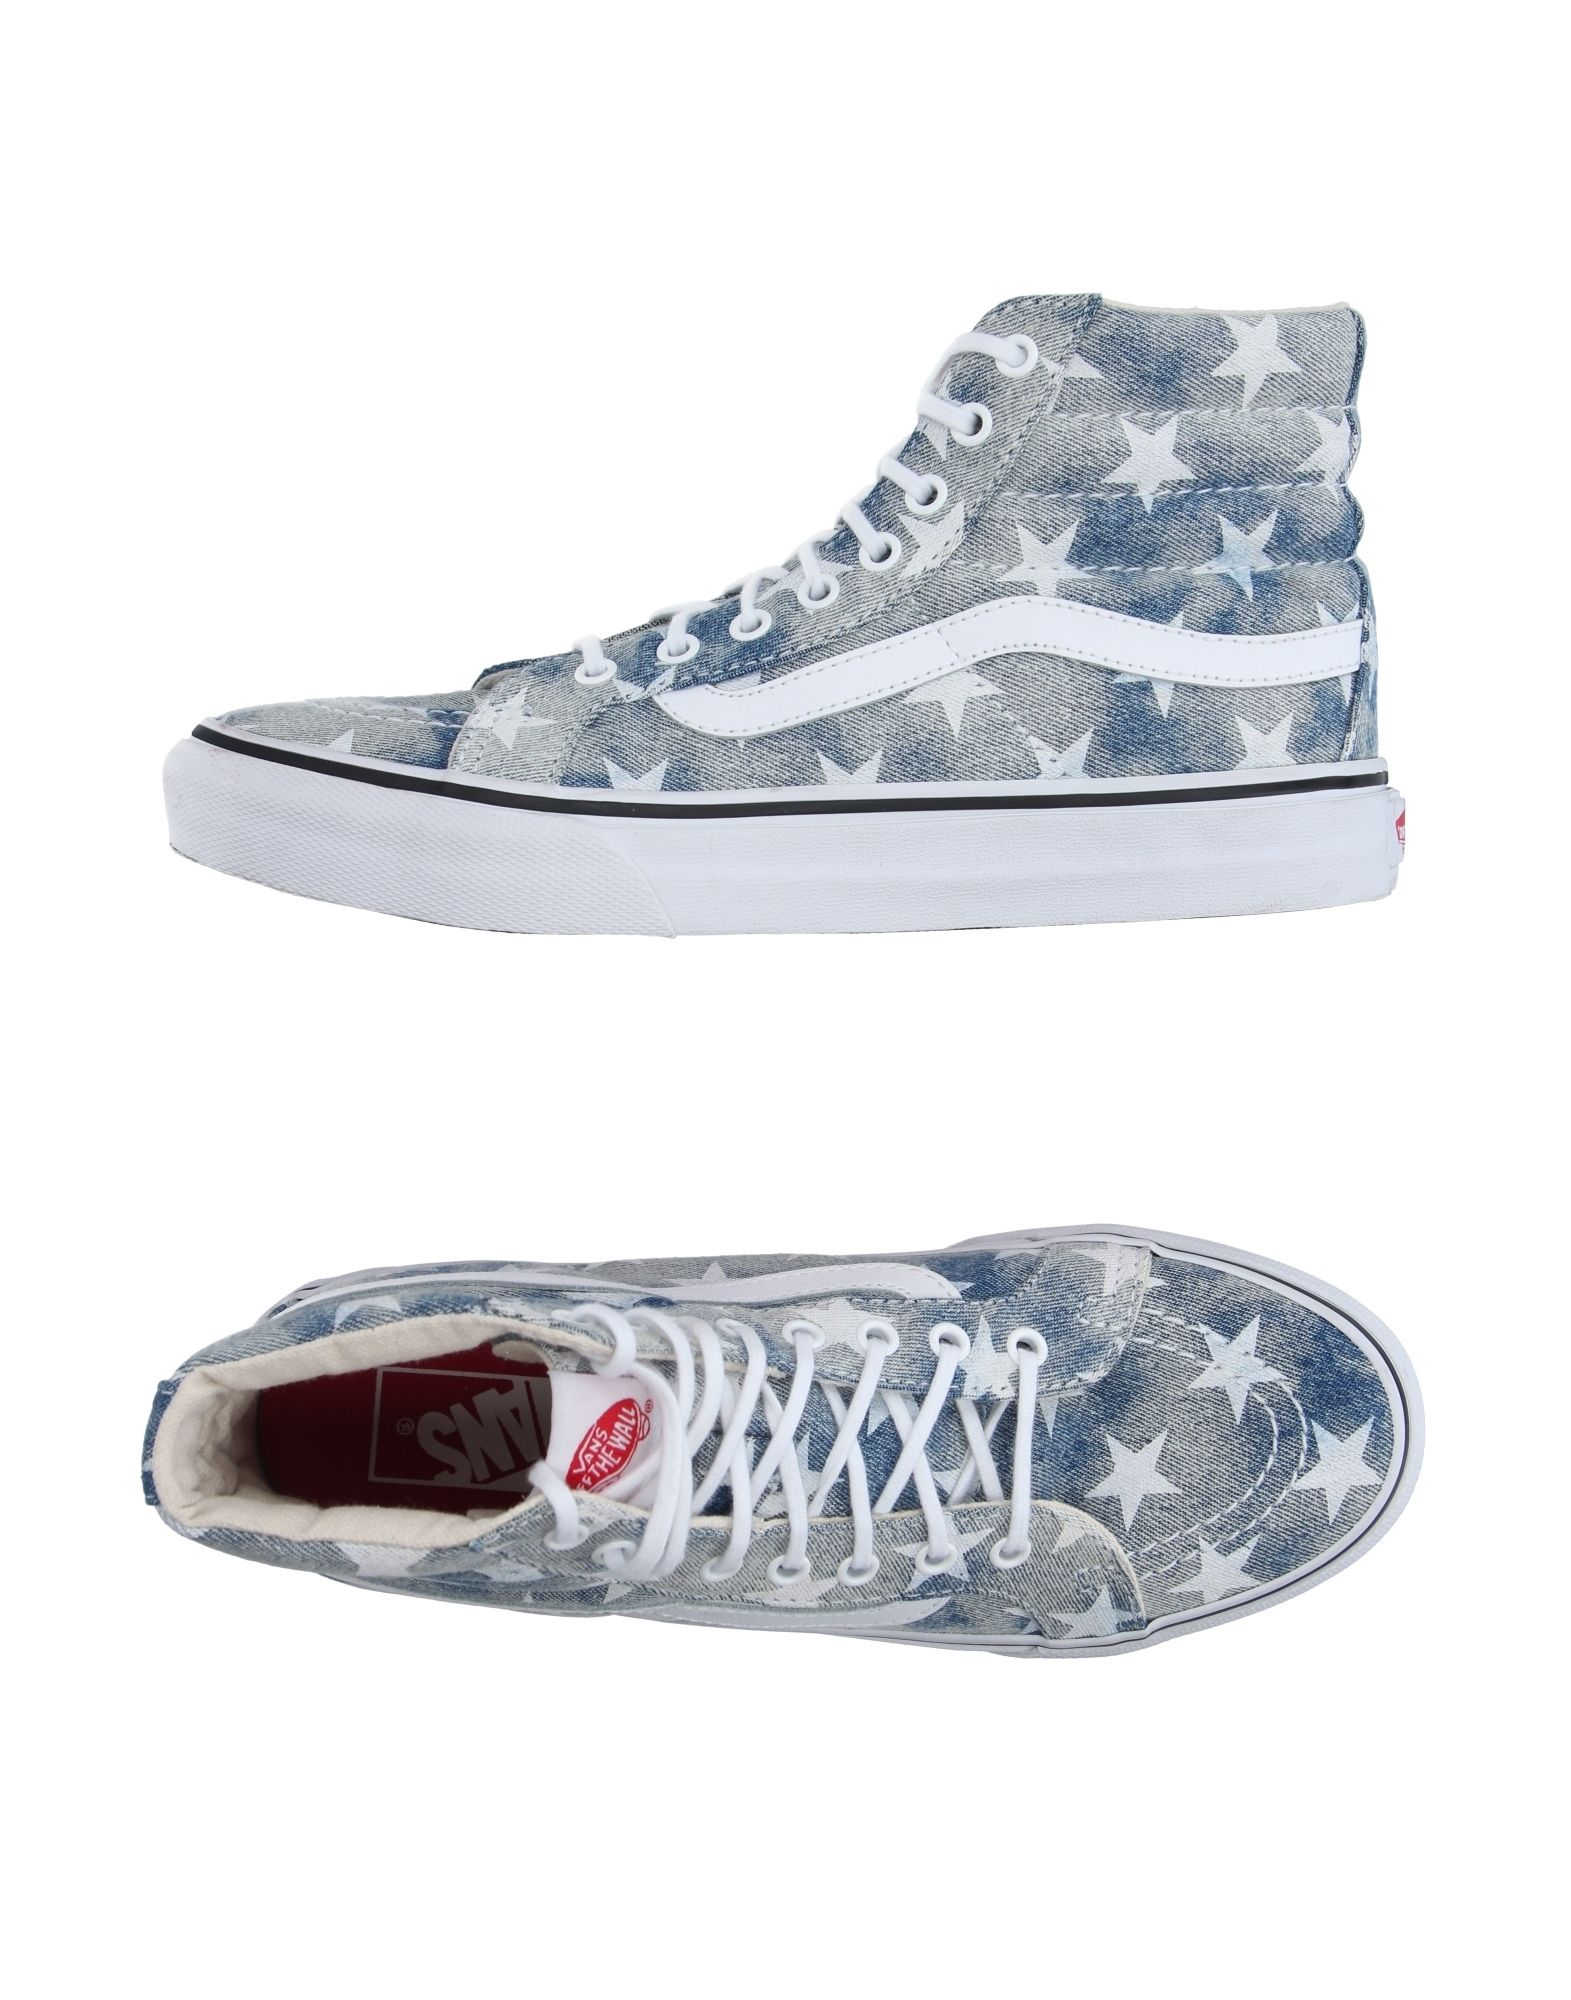 Vans Sneakers Damen Damen Damen  11167886UW 186a44